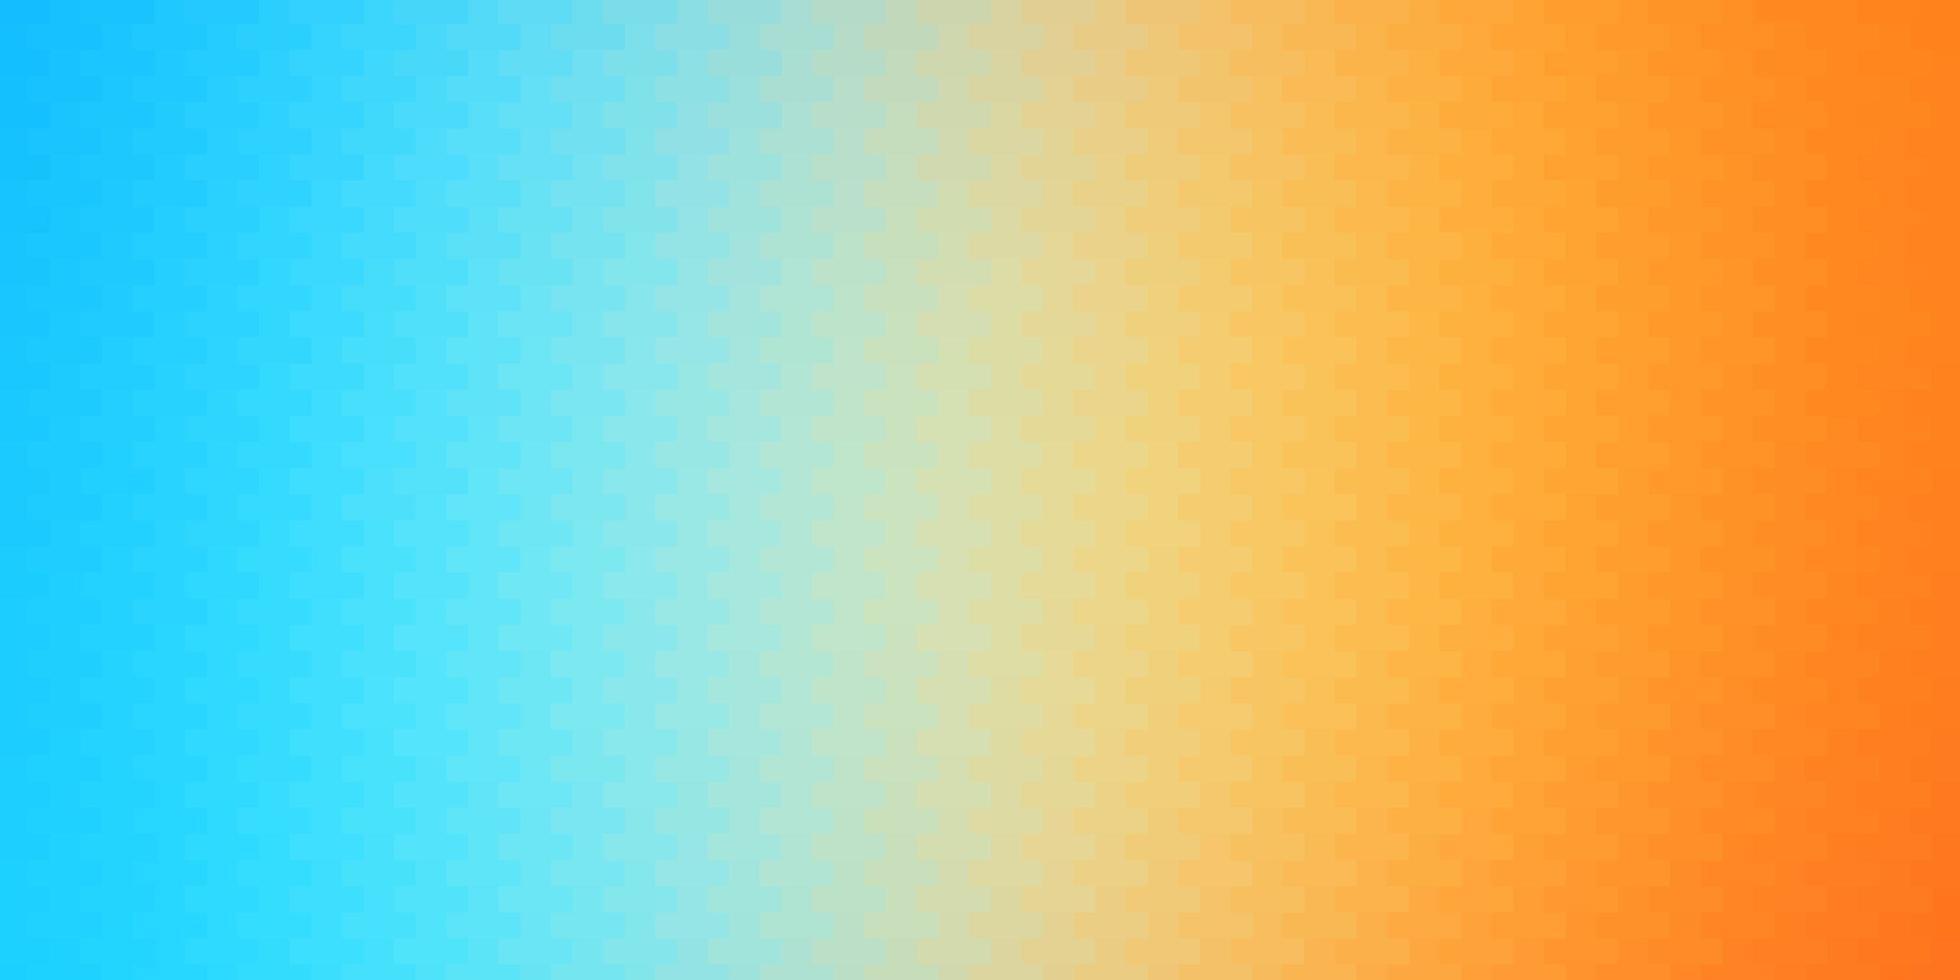 layout em azul claro e amarelo com linhas e retângulos. vetor